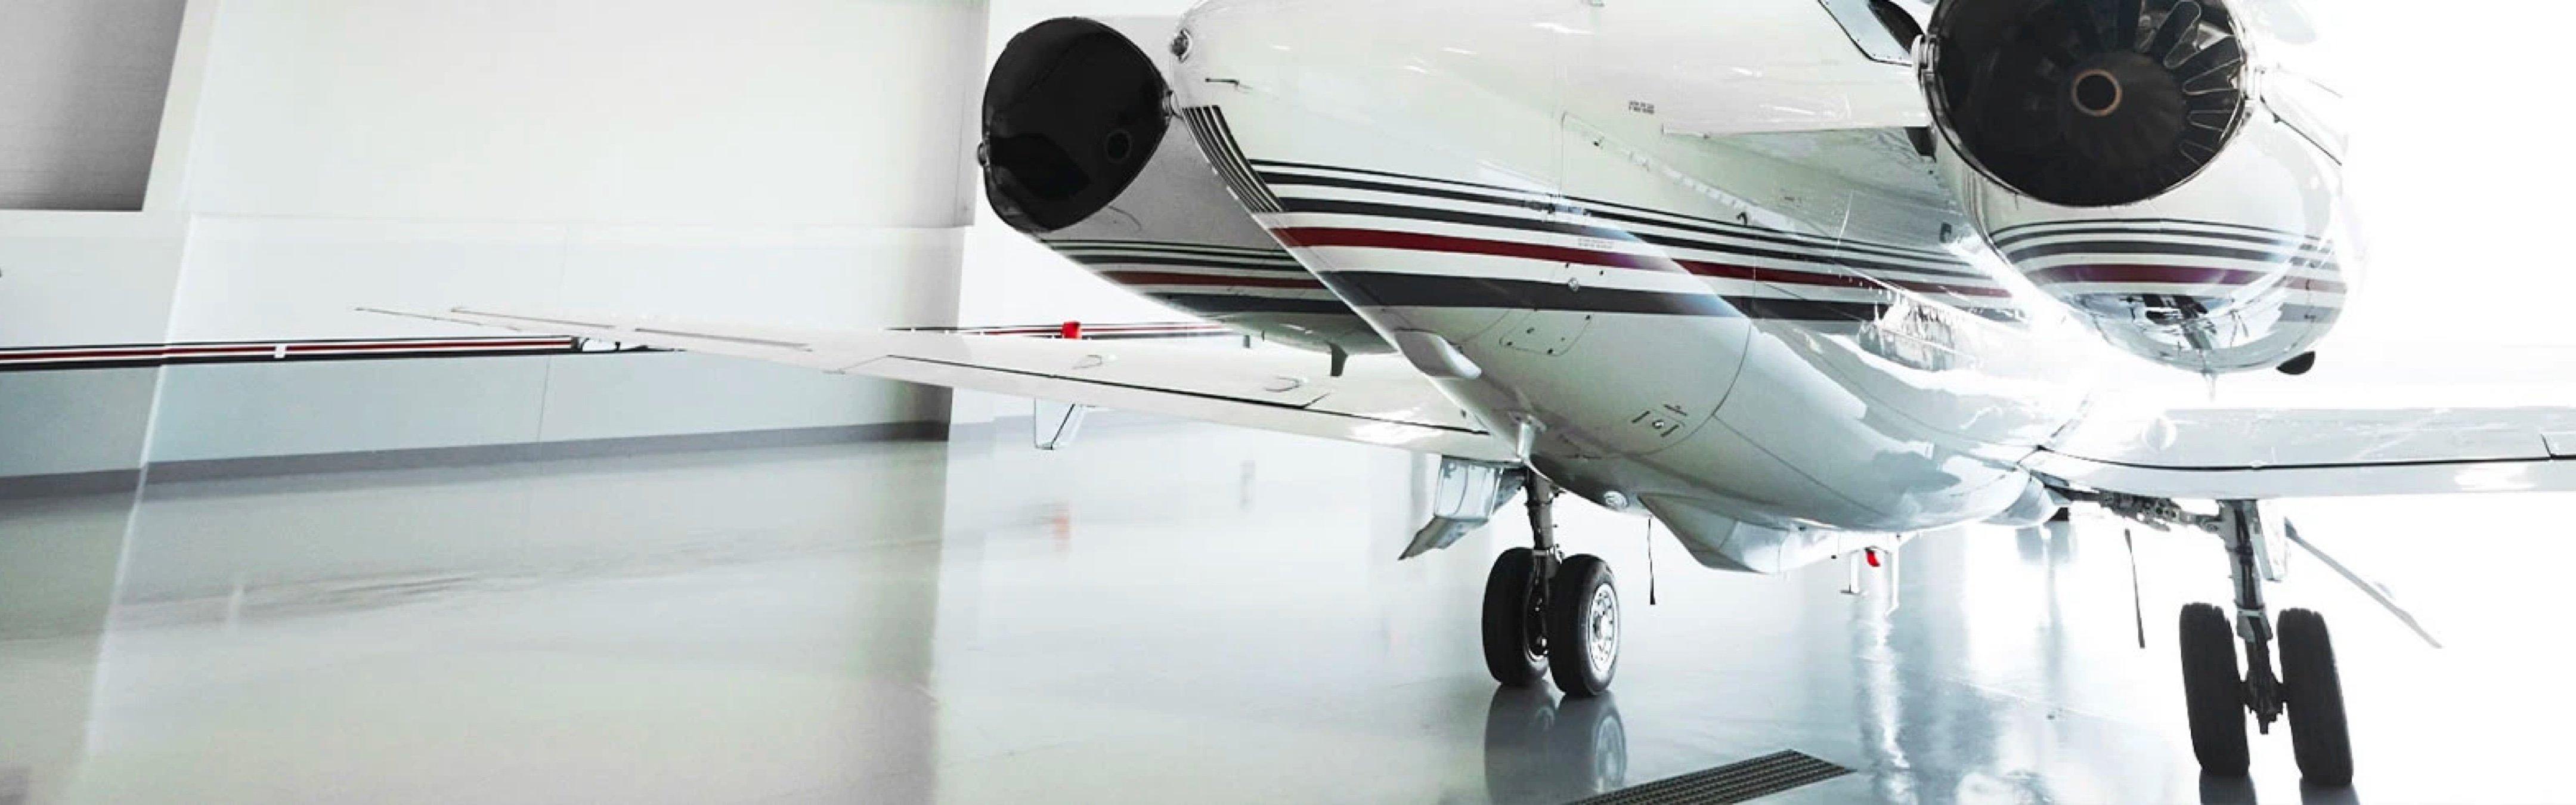 chemical hot tire resistant floor coatings